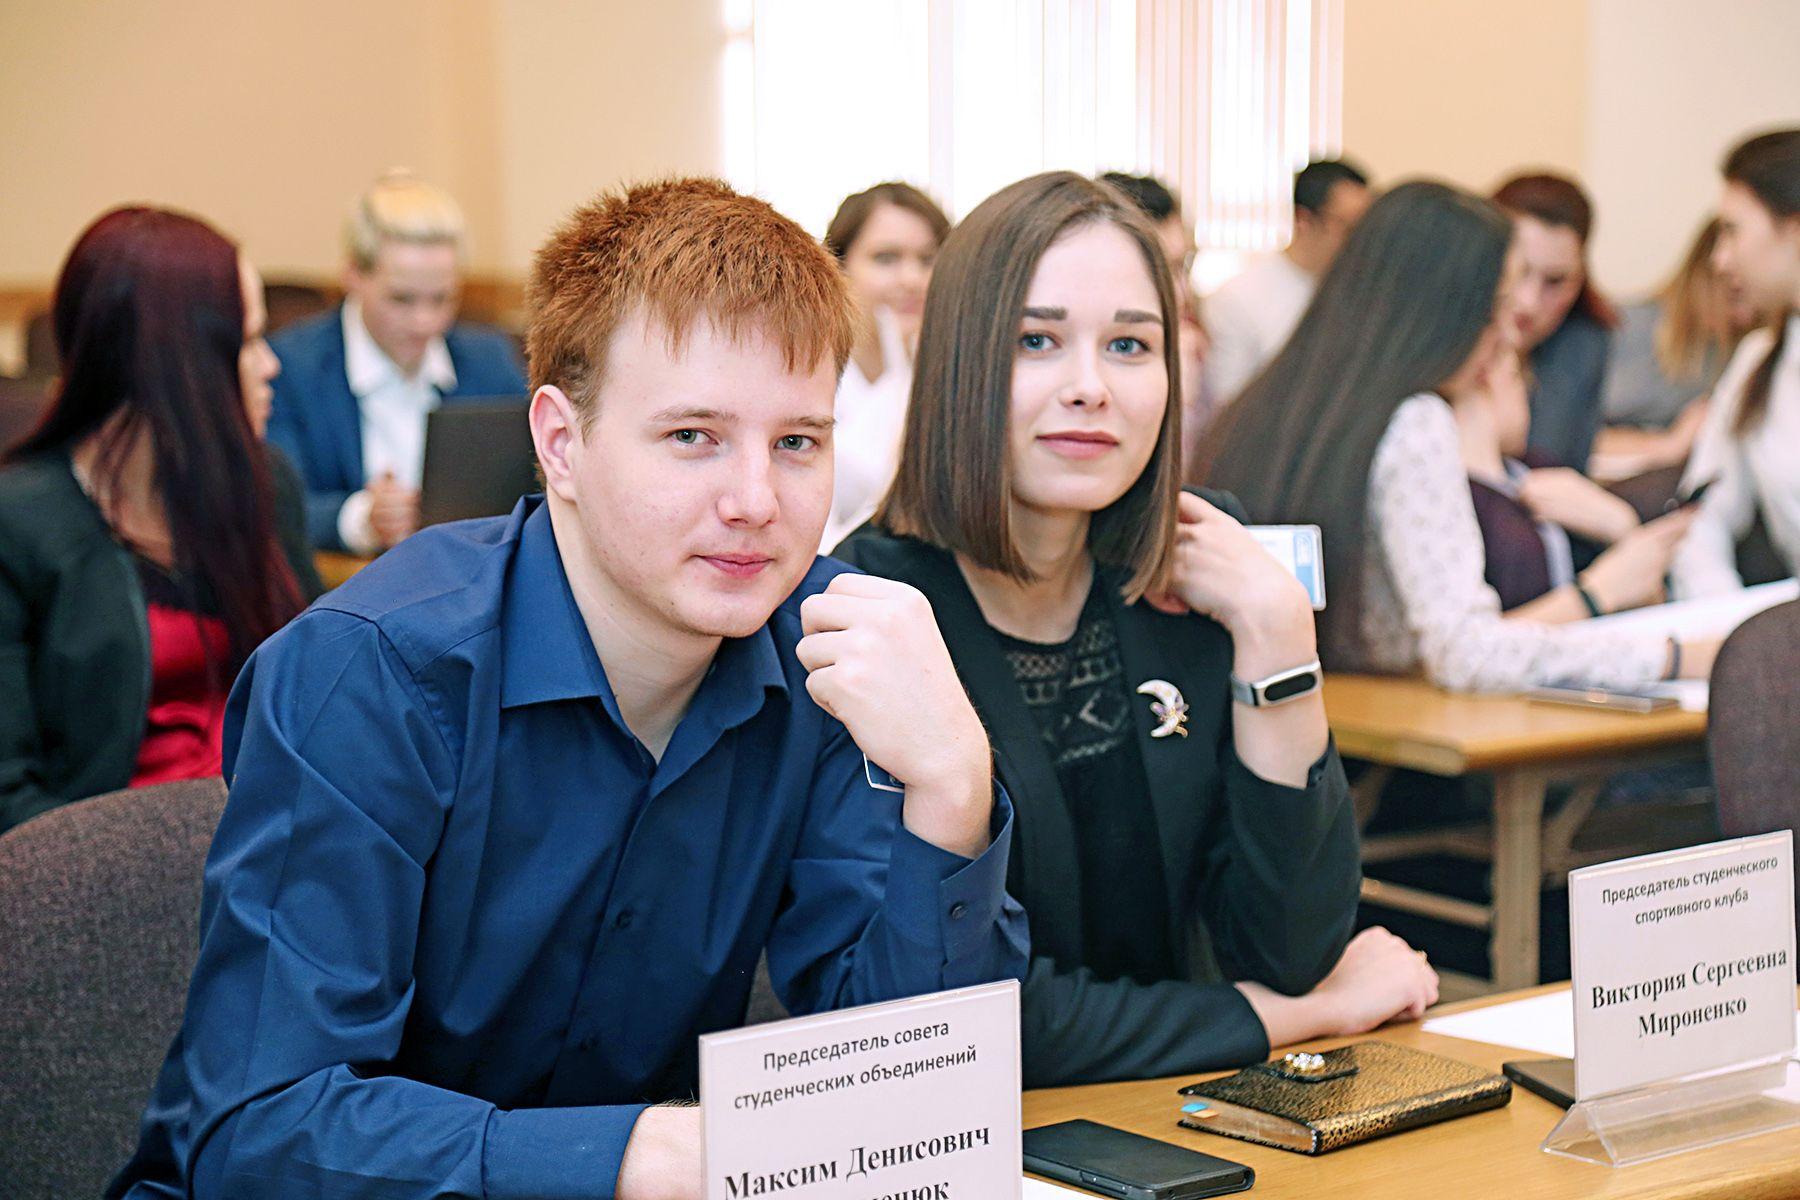 Студенческие проекты ВГУЭС получат финансовую поддержку